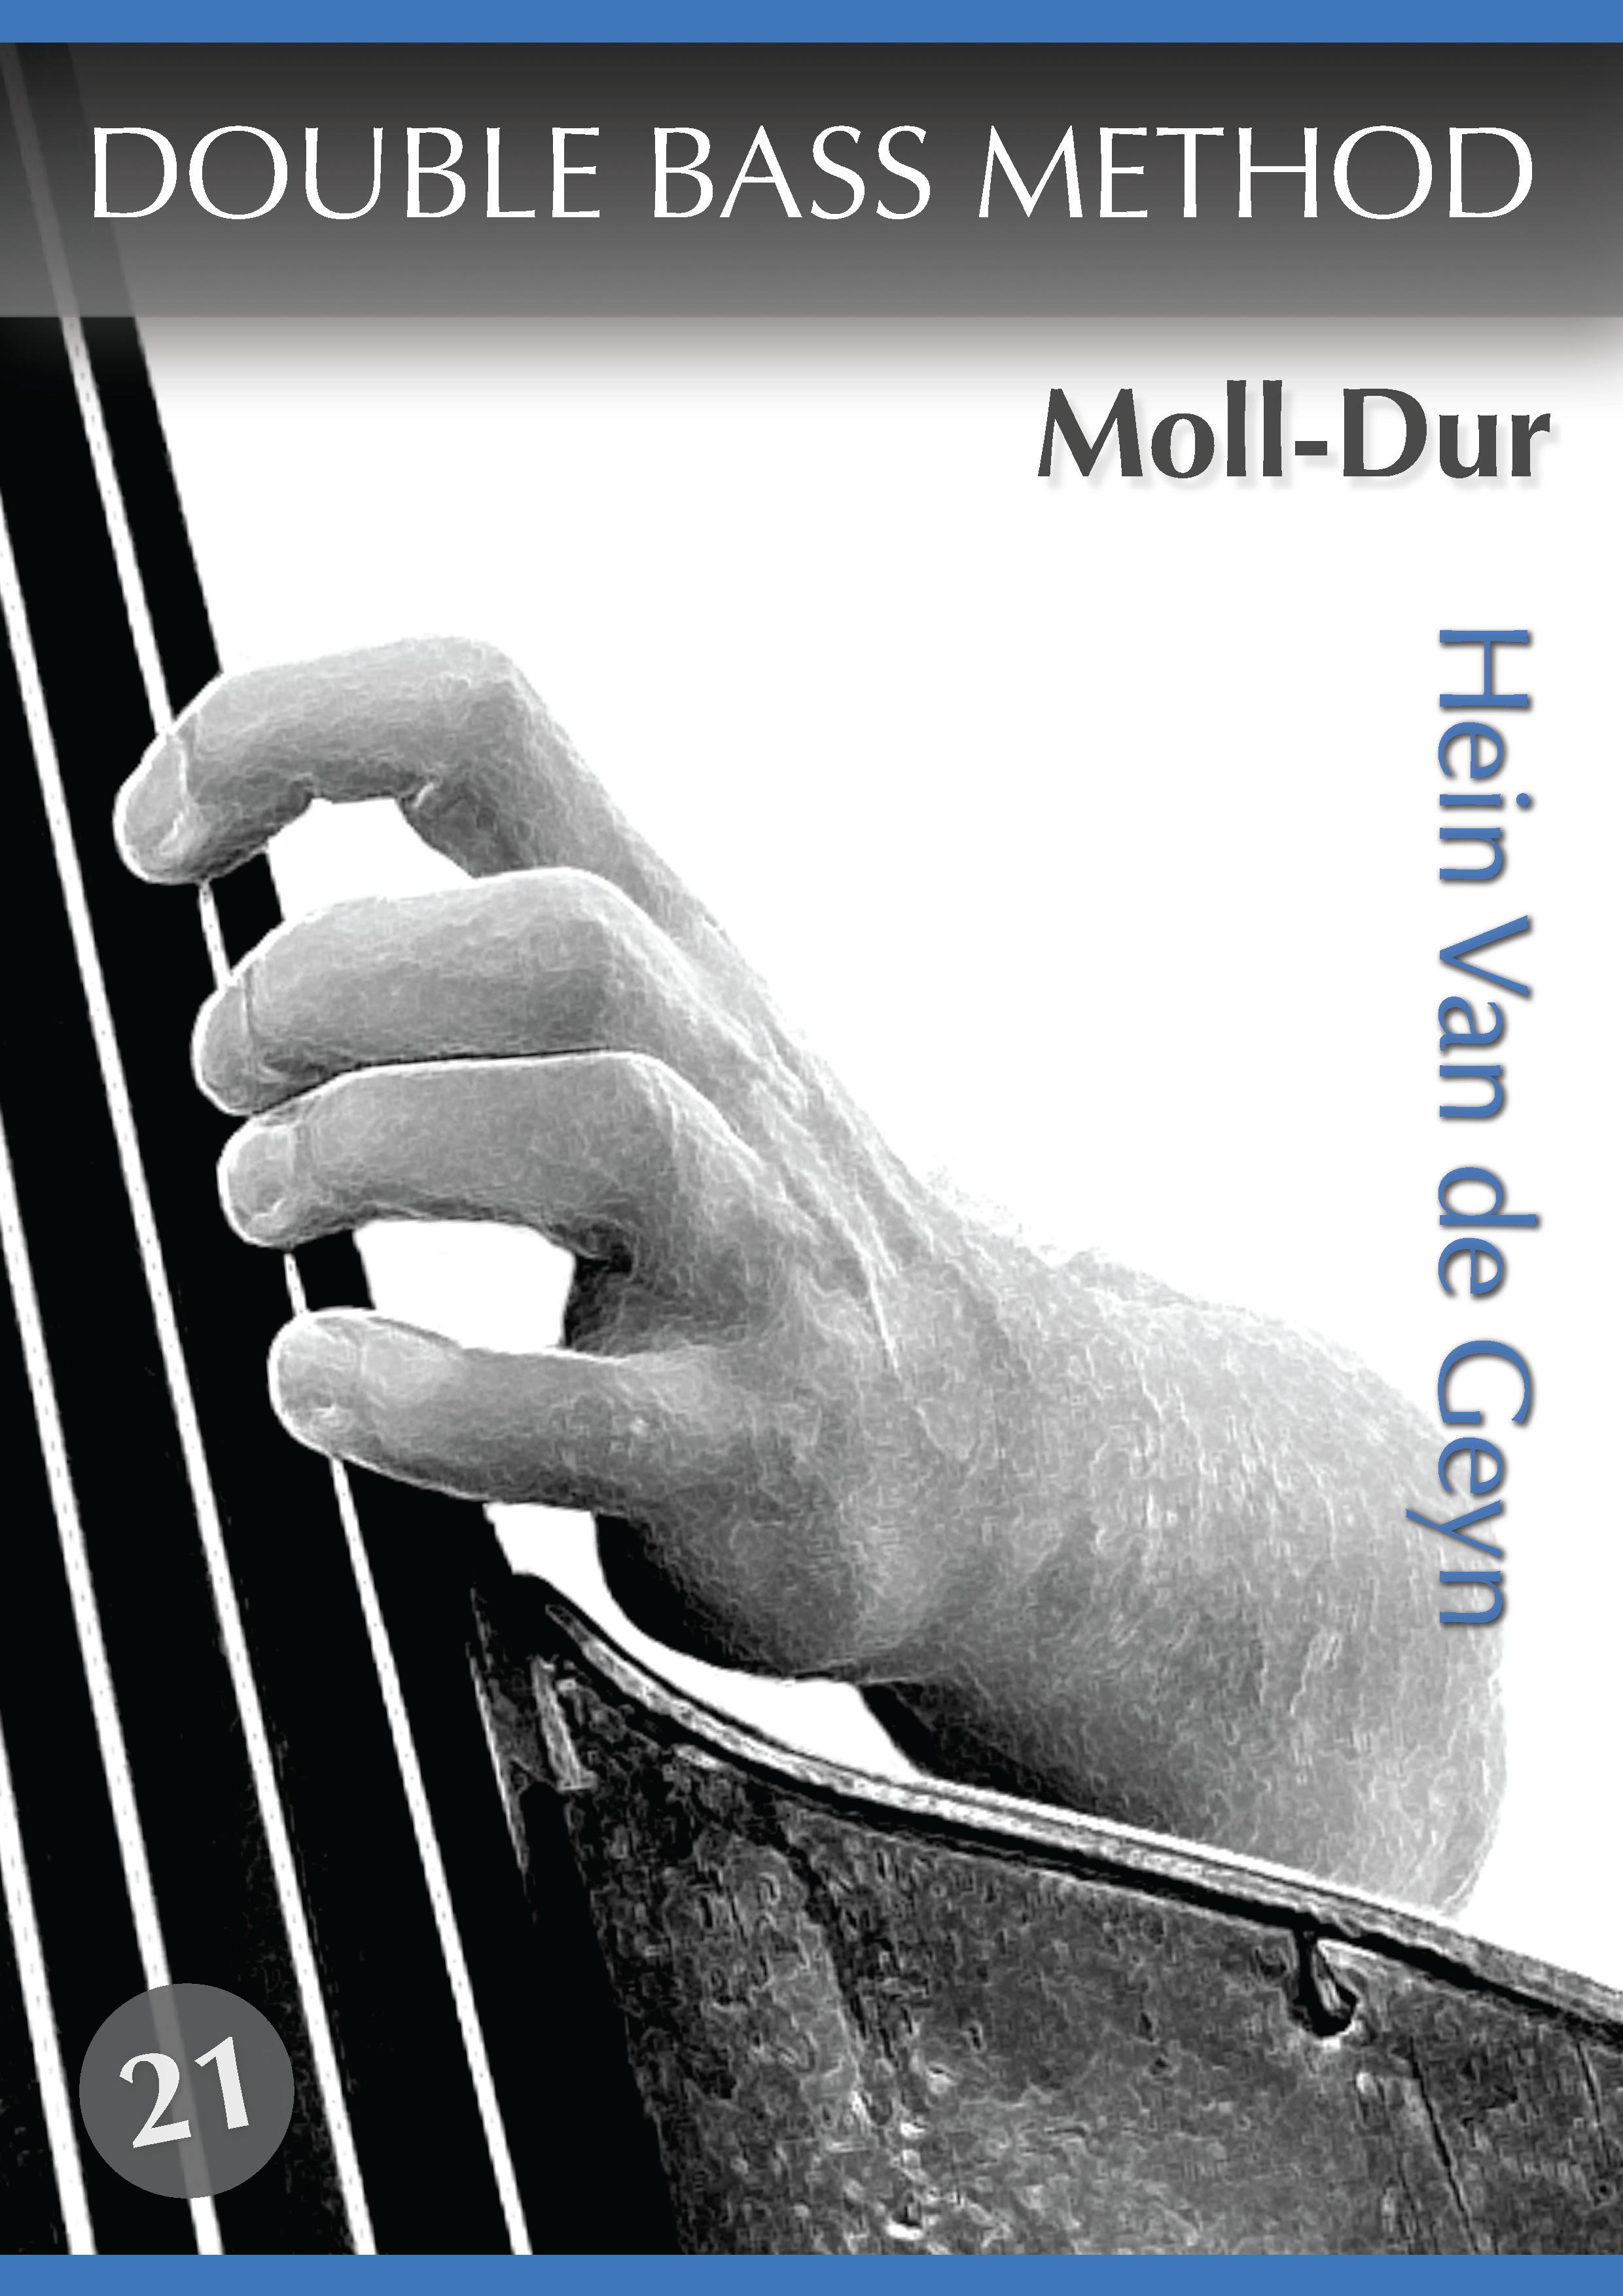 Moll-Dur